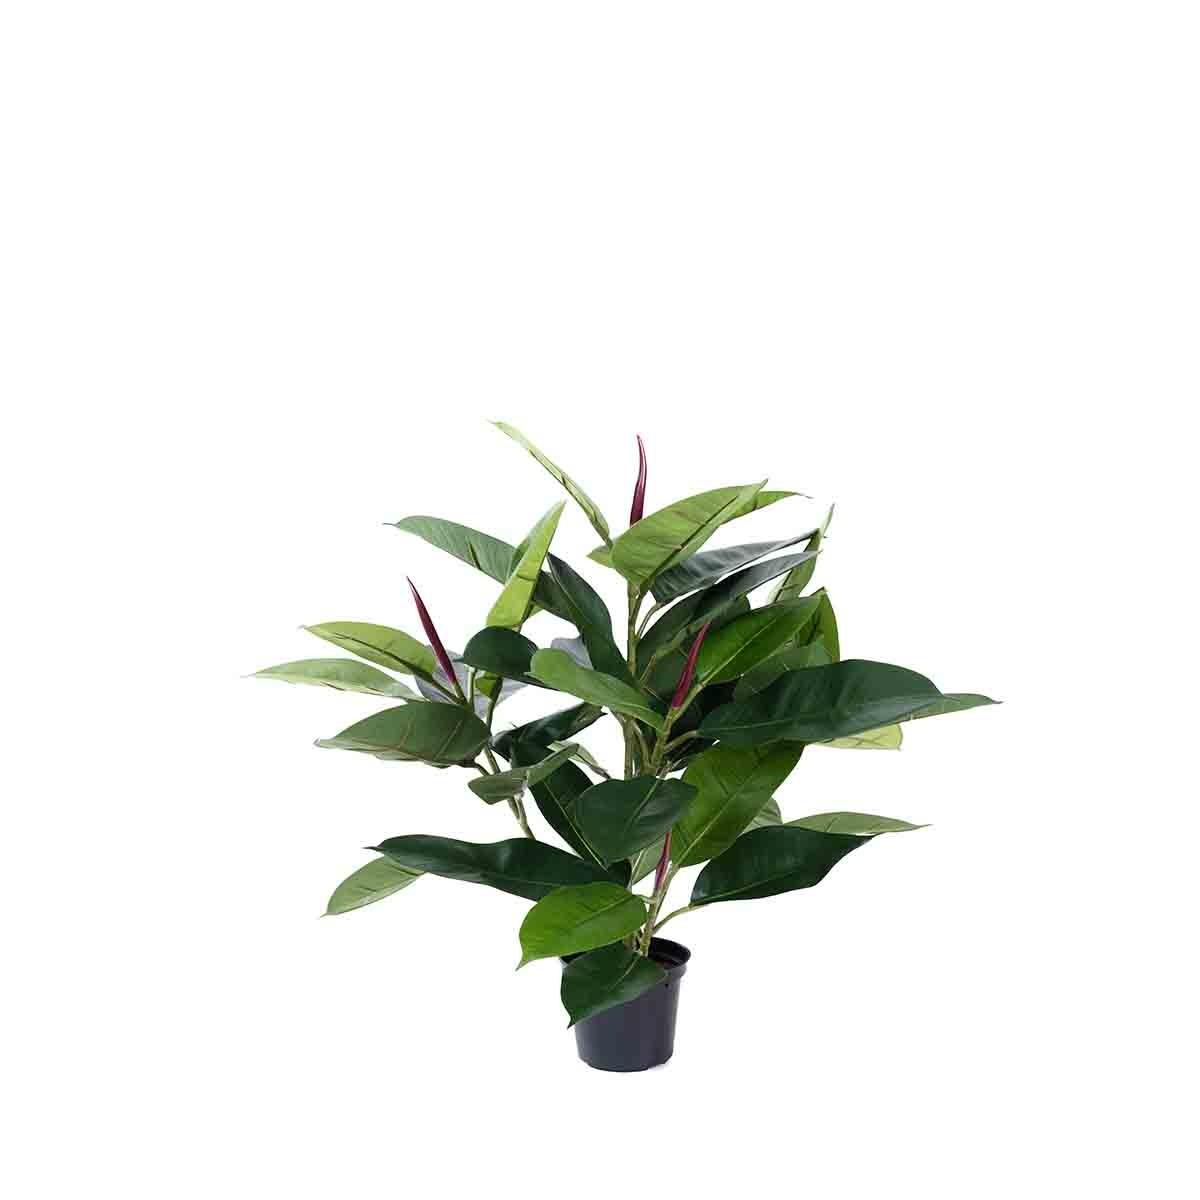 Ficus Caoutchouc